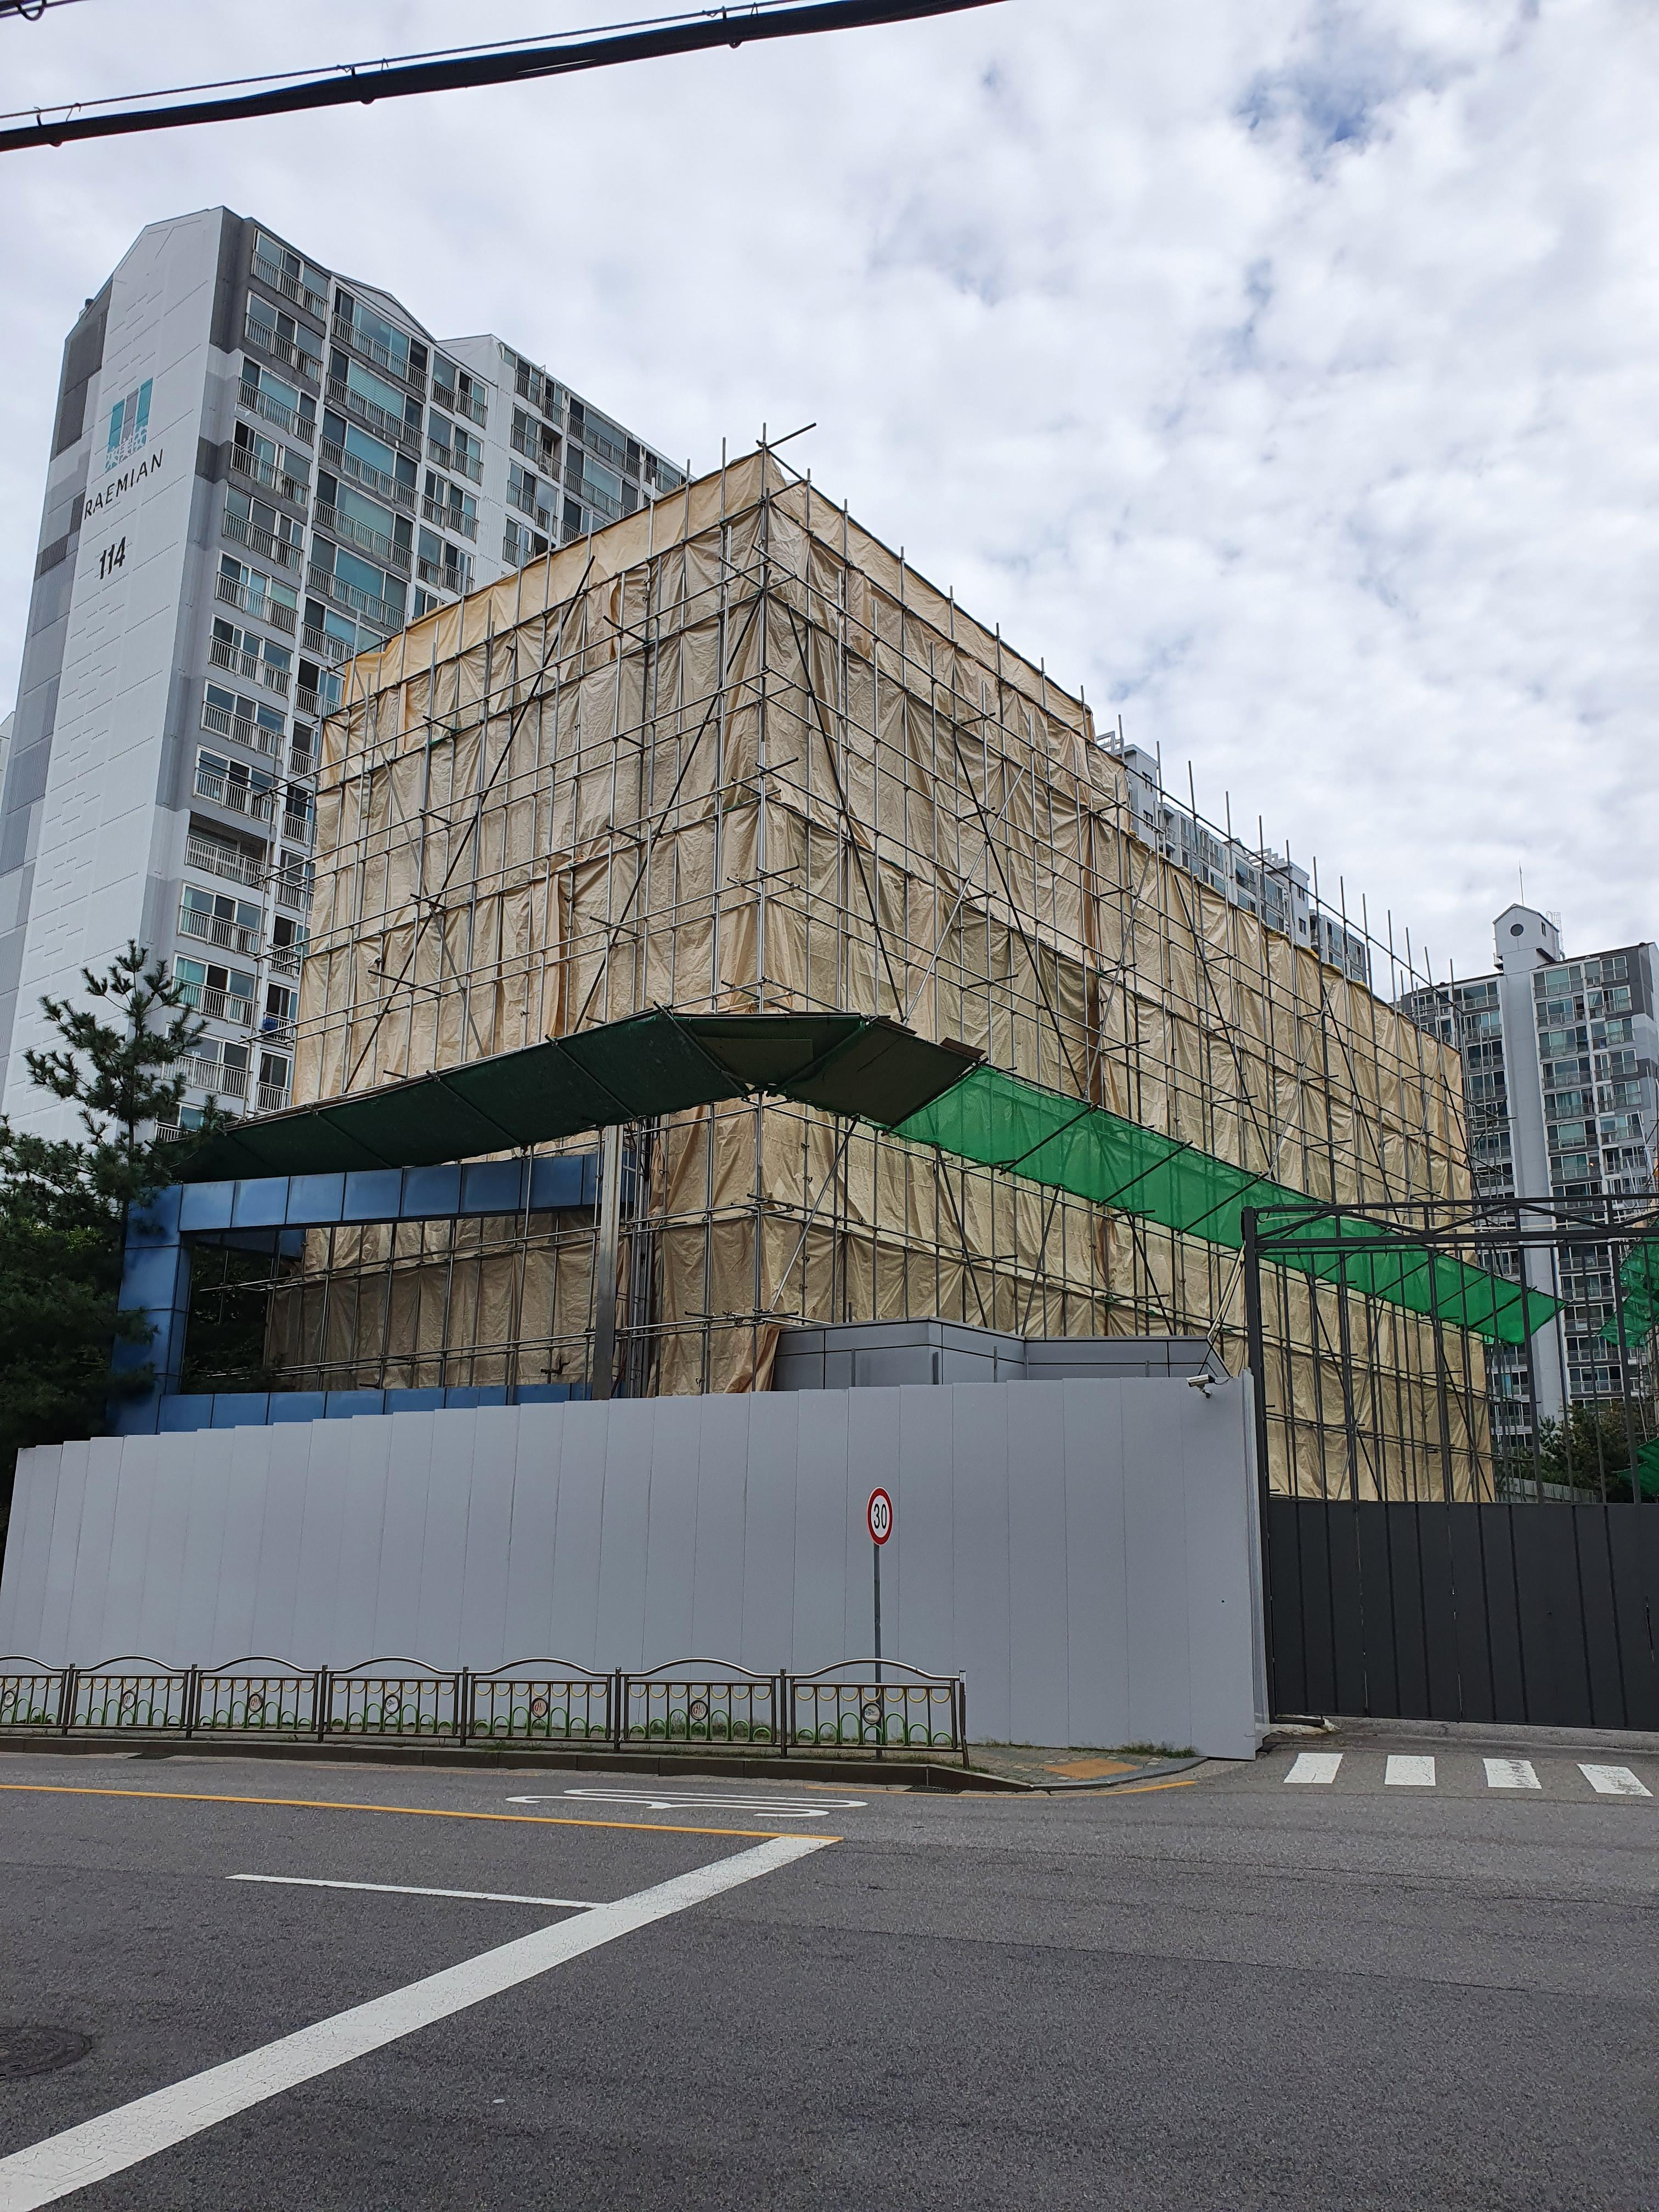 구로 해피랜드 상설할인매장 폐점 후 건물 철거 중 (작년 10월 사진과 함께)